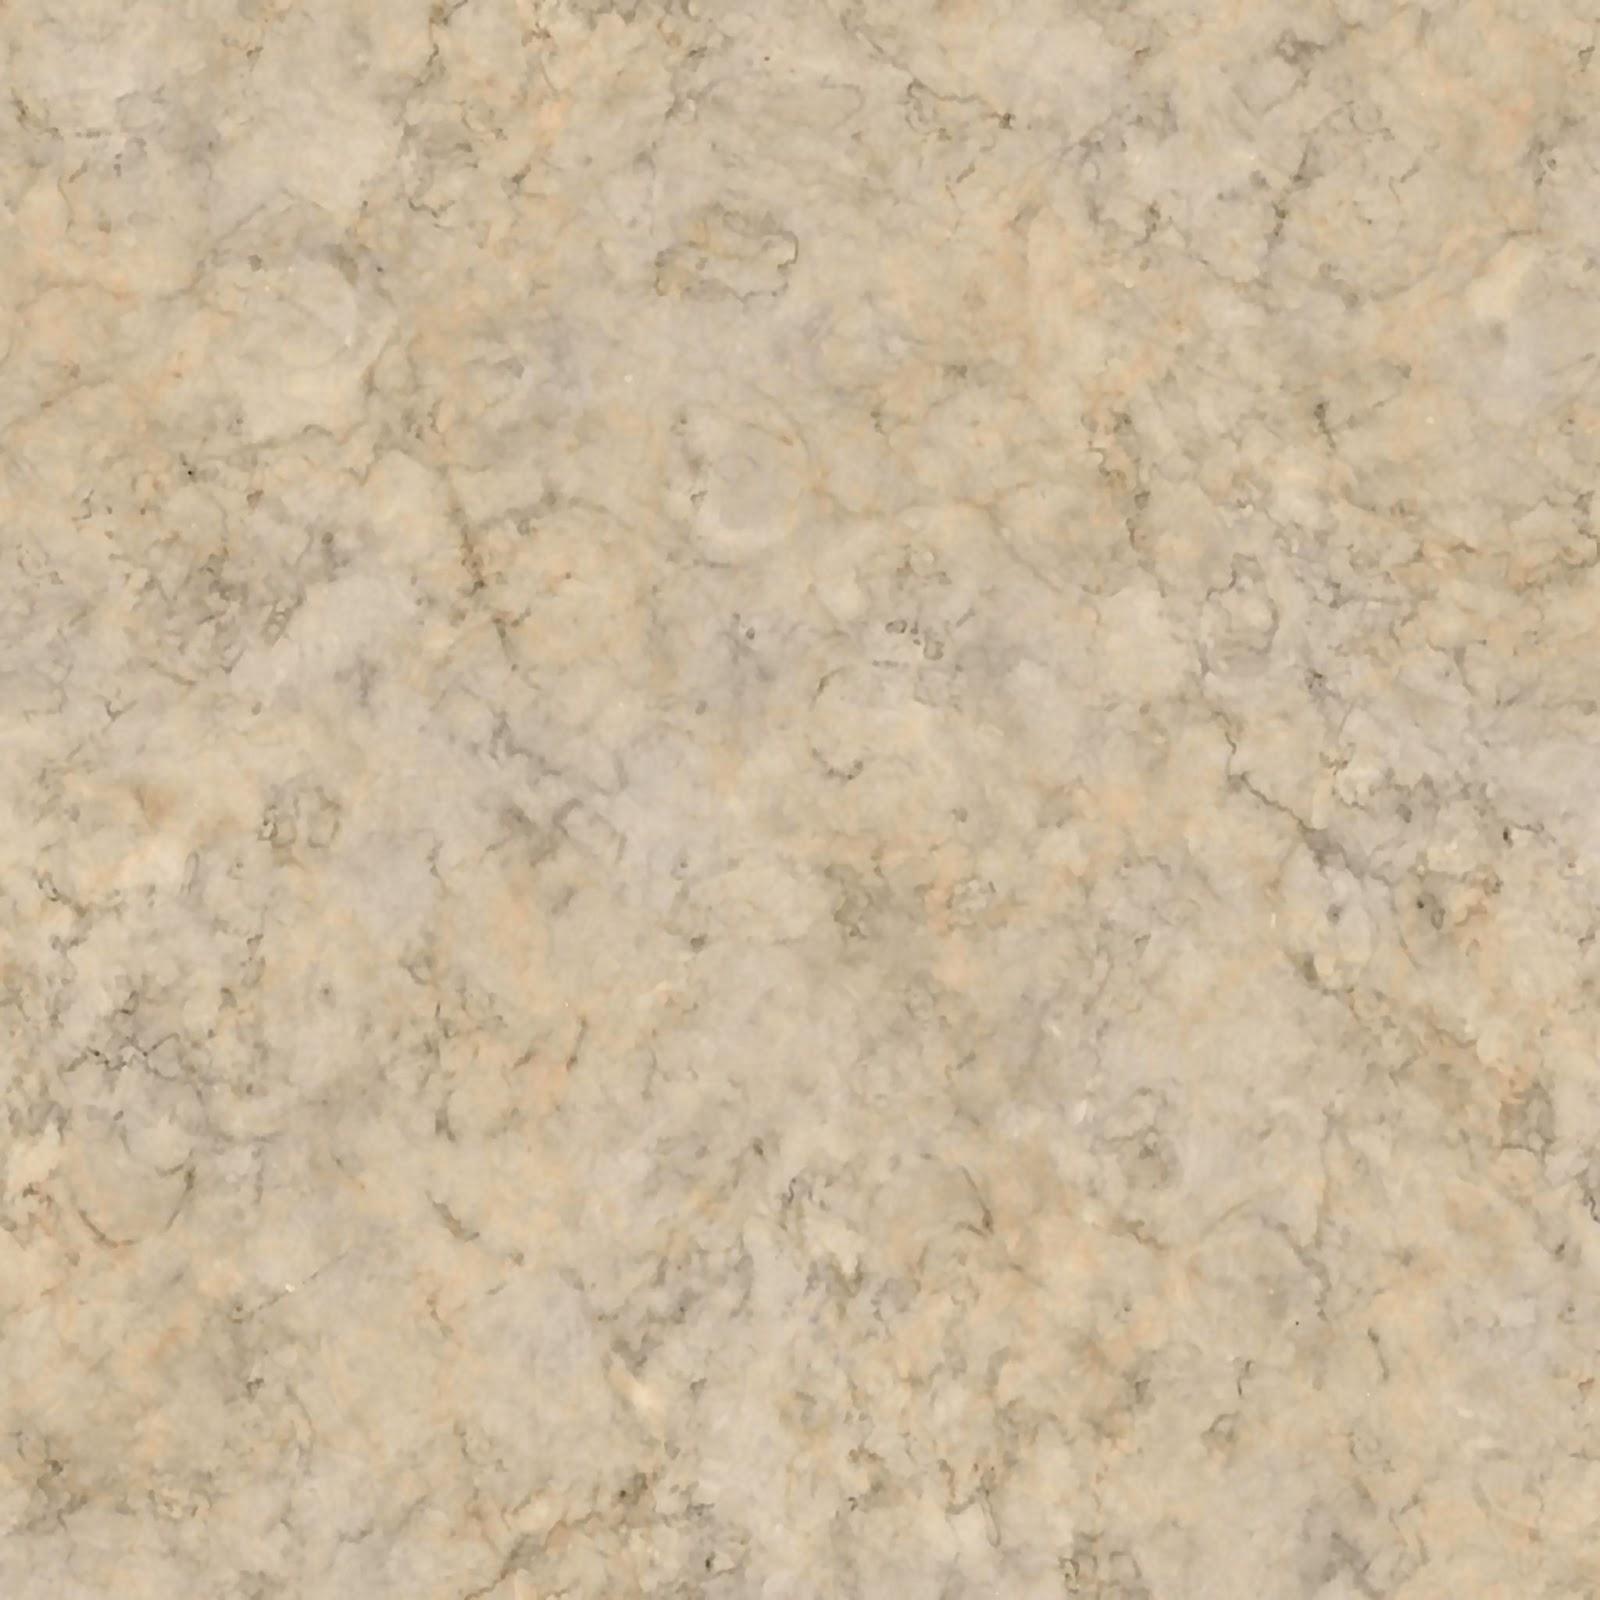 floor tile texture